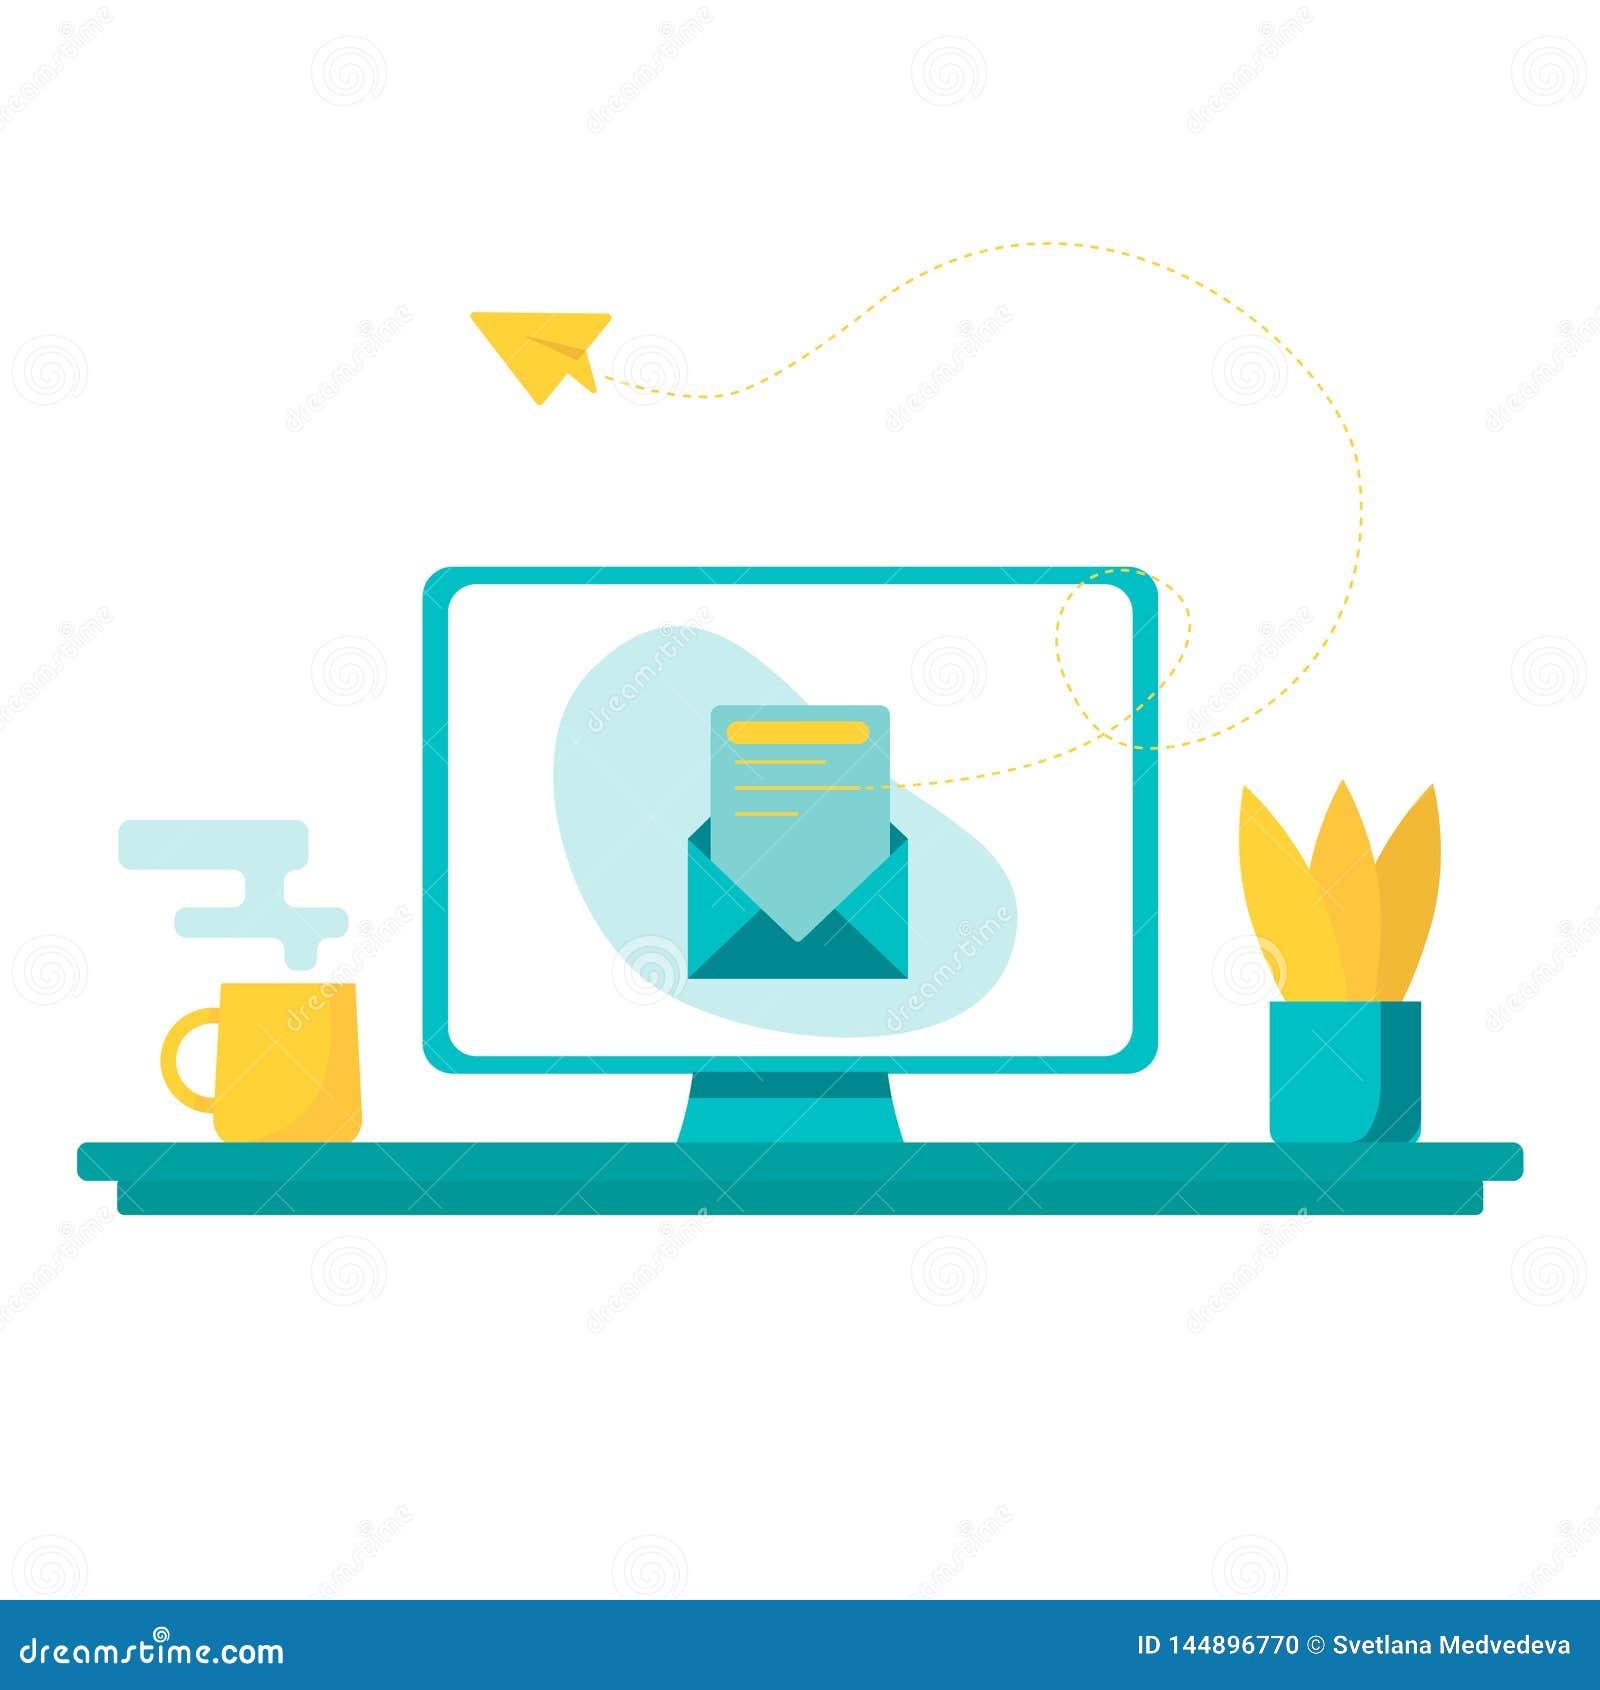 Иллюстрация концепции вектора - социальный процесс работы рекламы сети, новое предложение